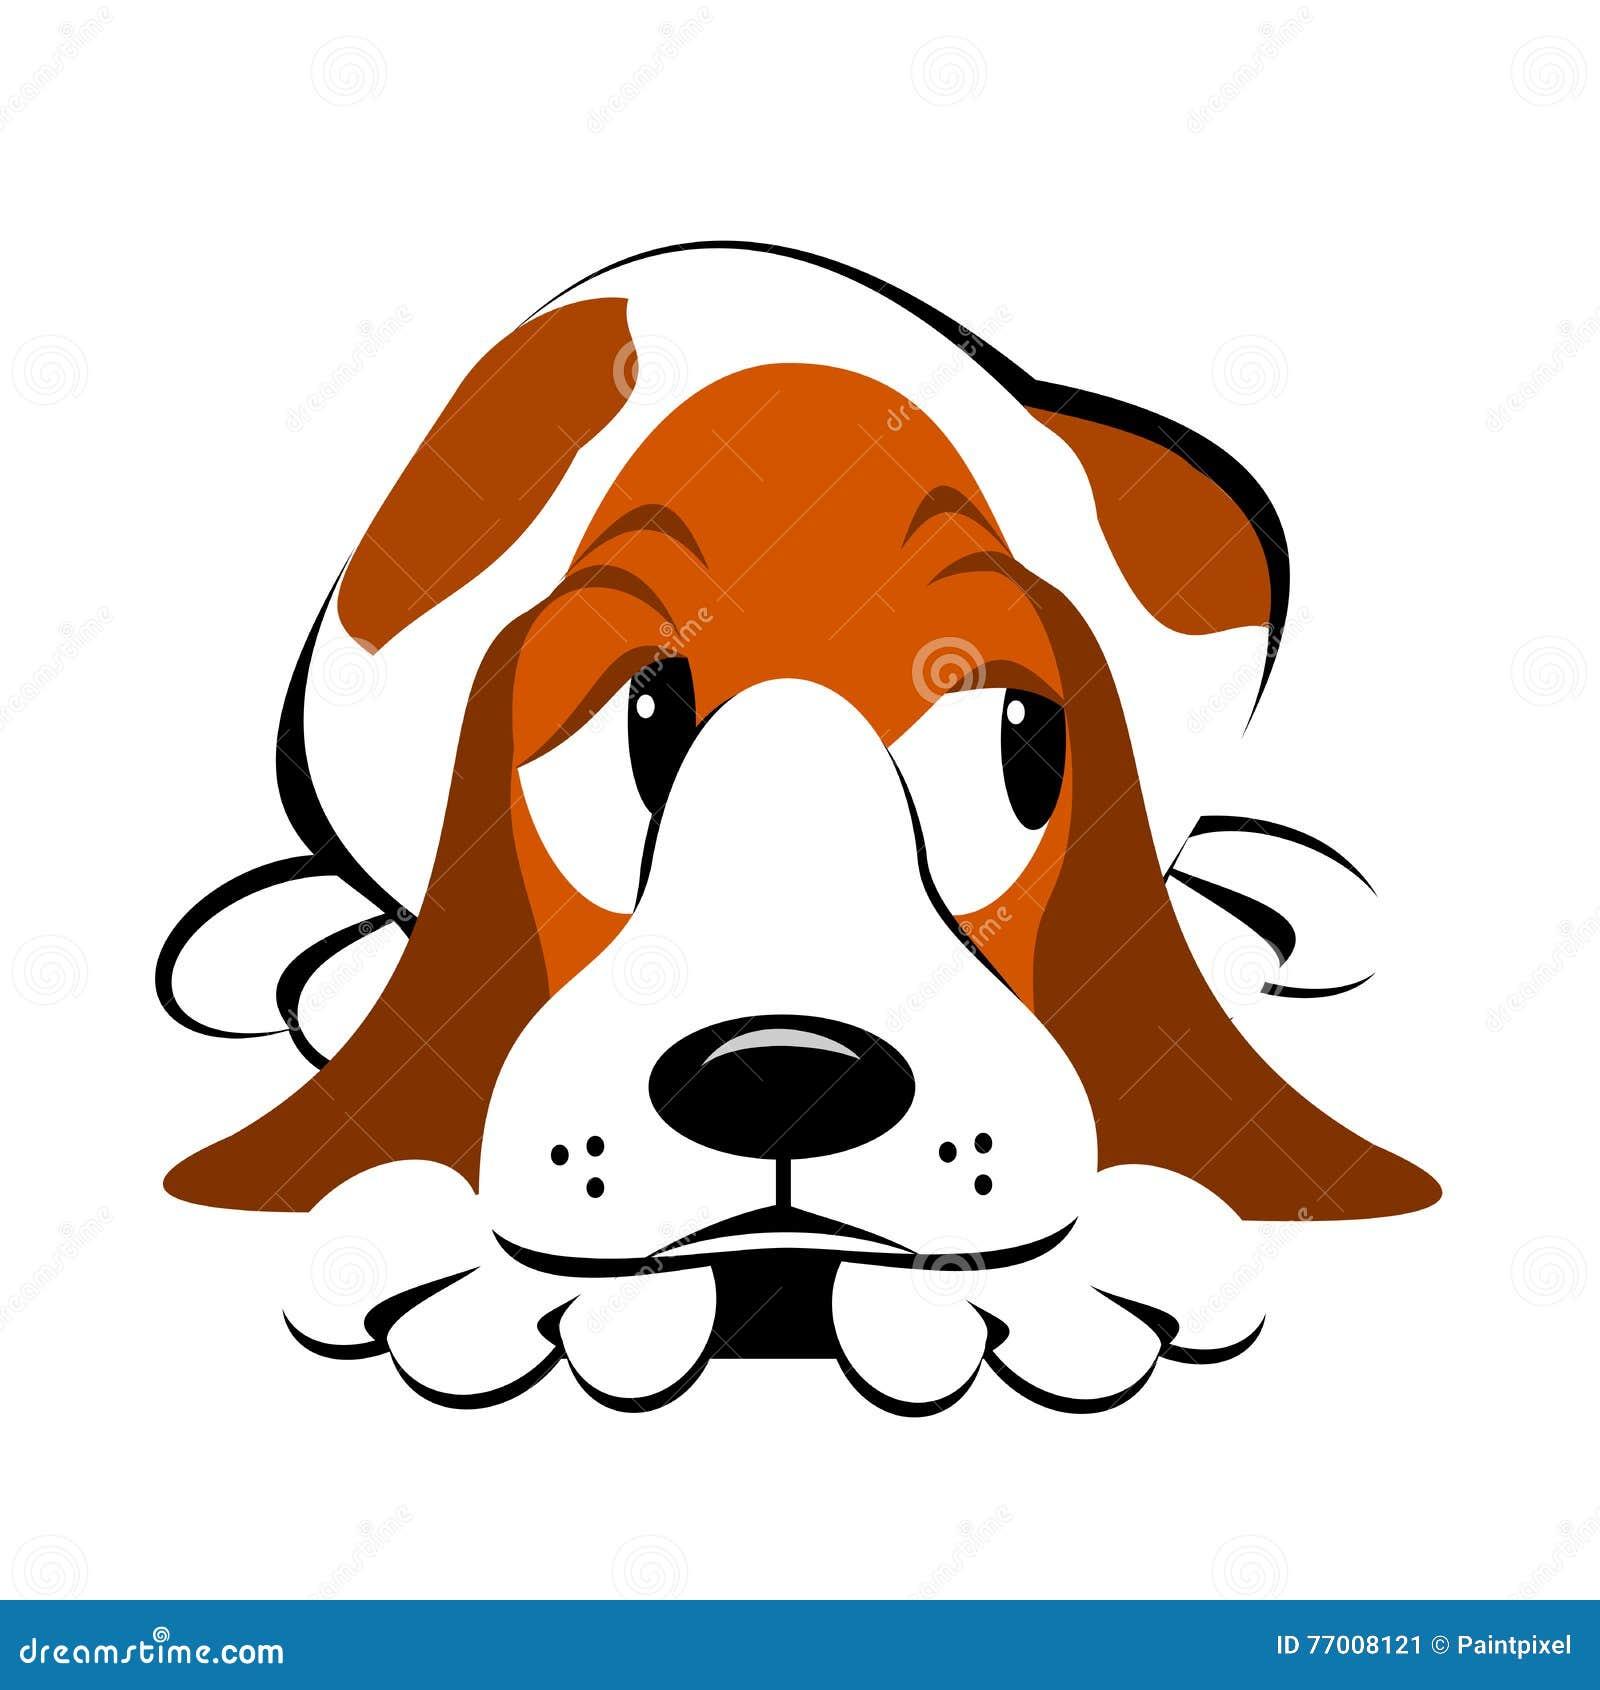 clipart kostenlos hund - photo #10